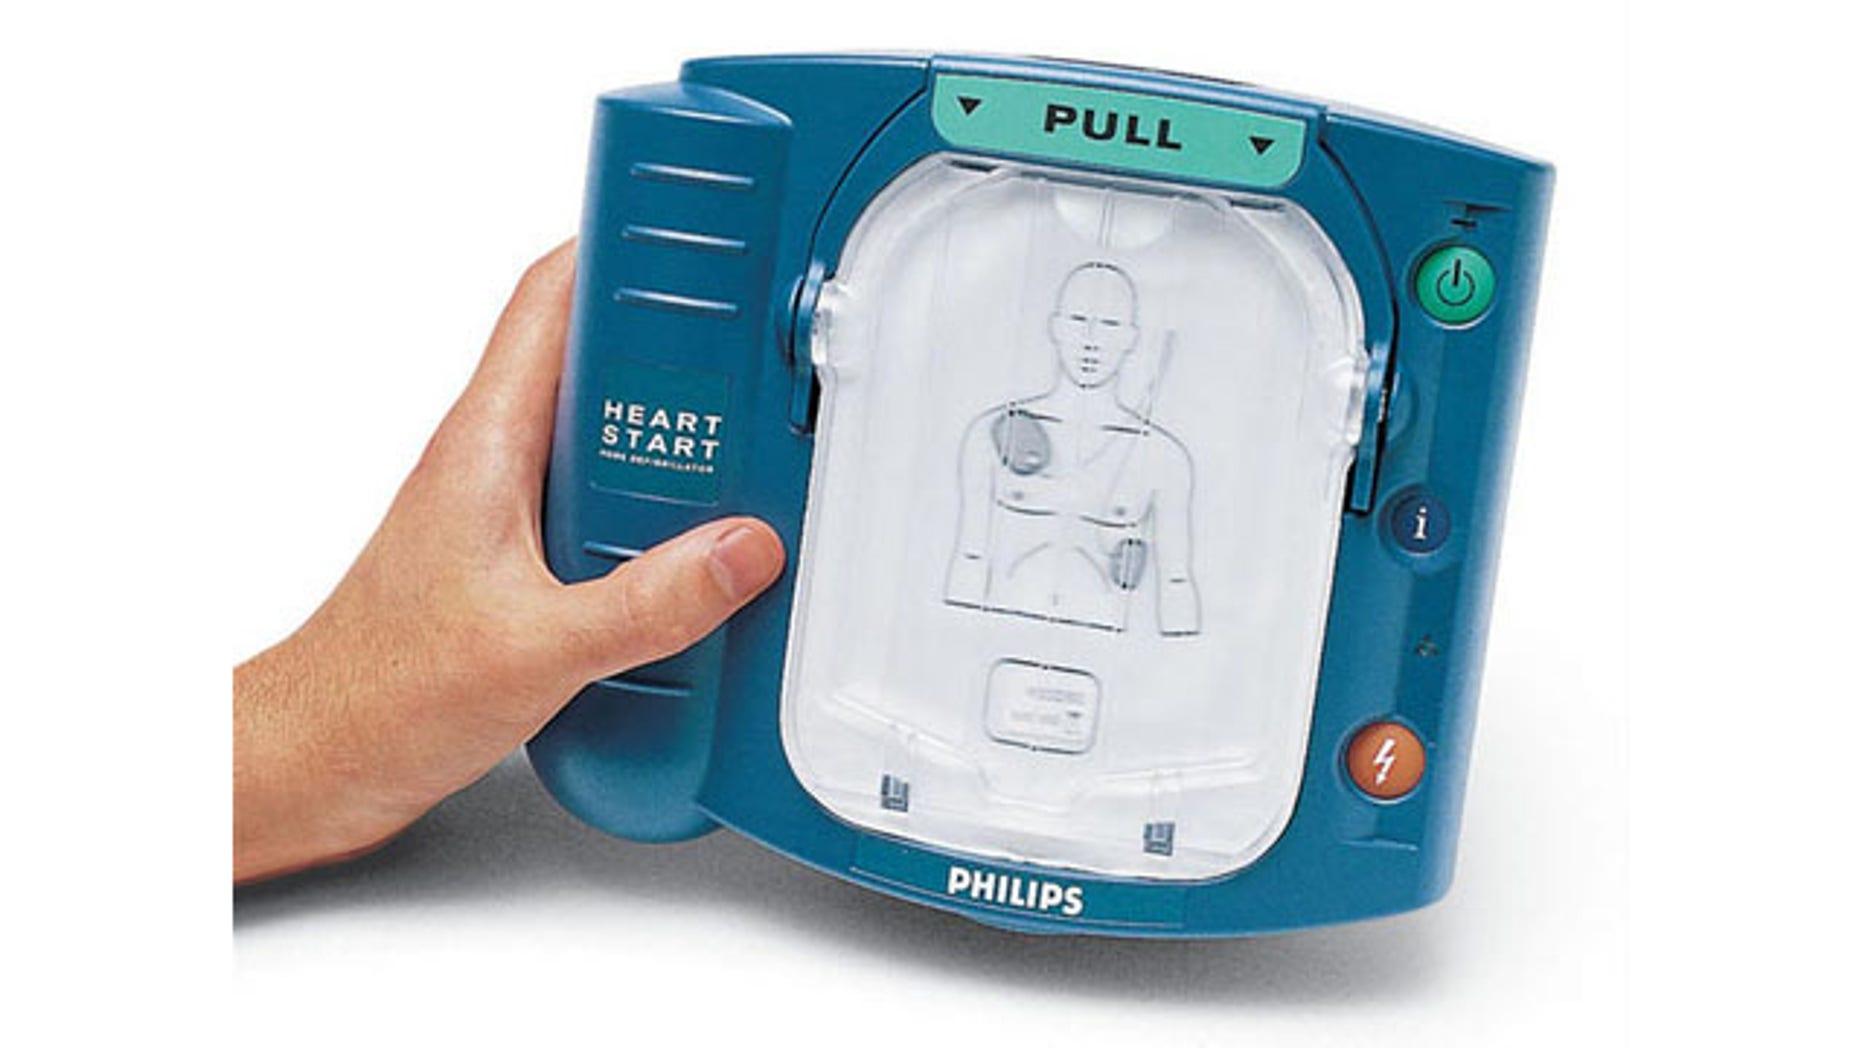 FDA warns that some Philips HeartStart defibrillators may